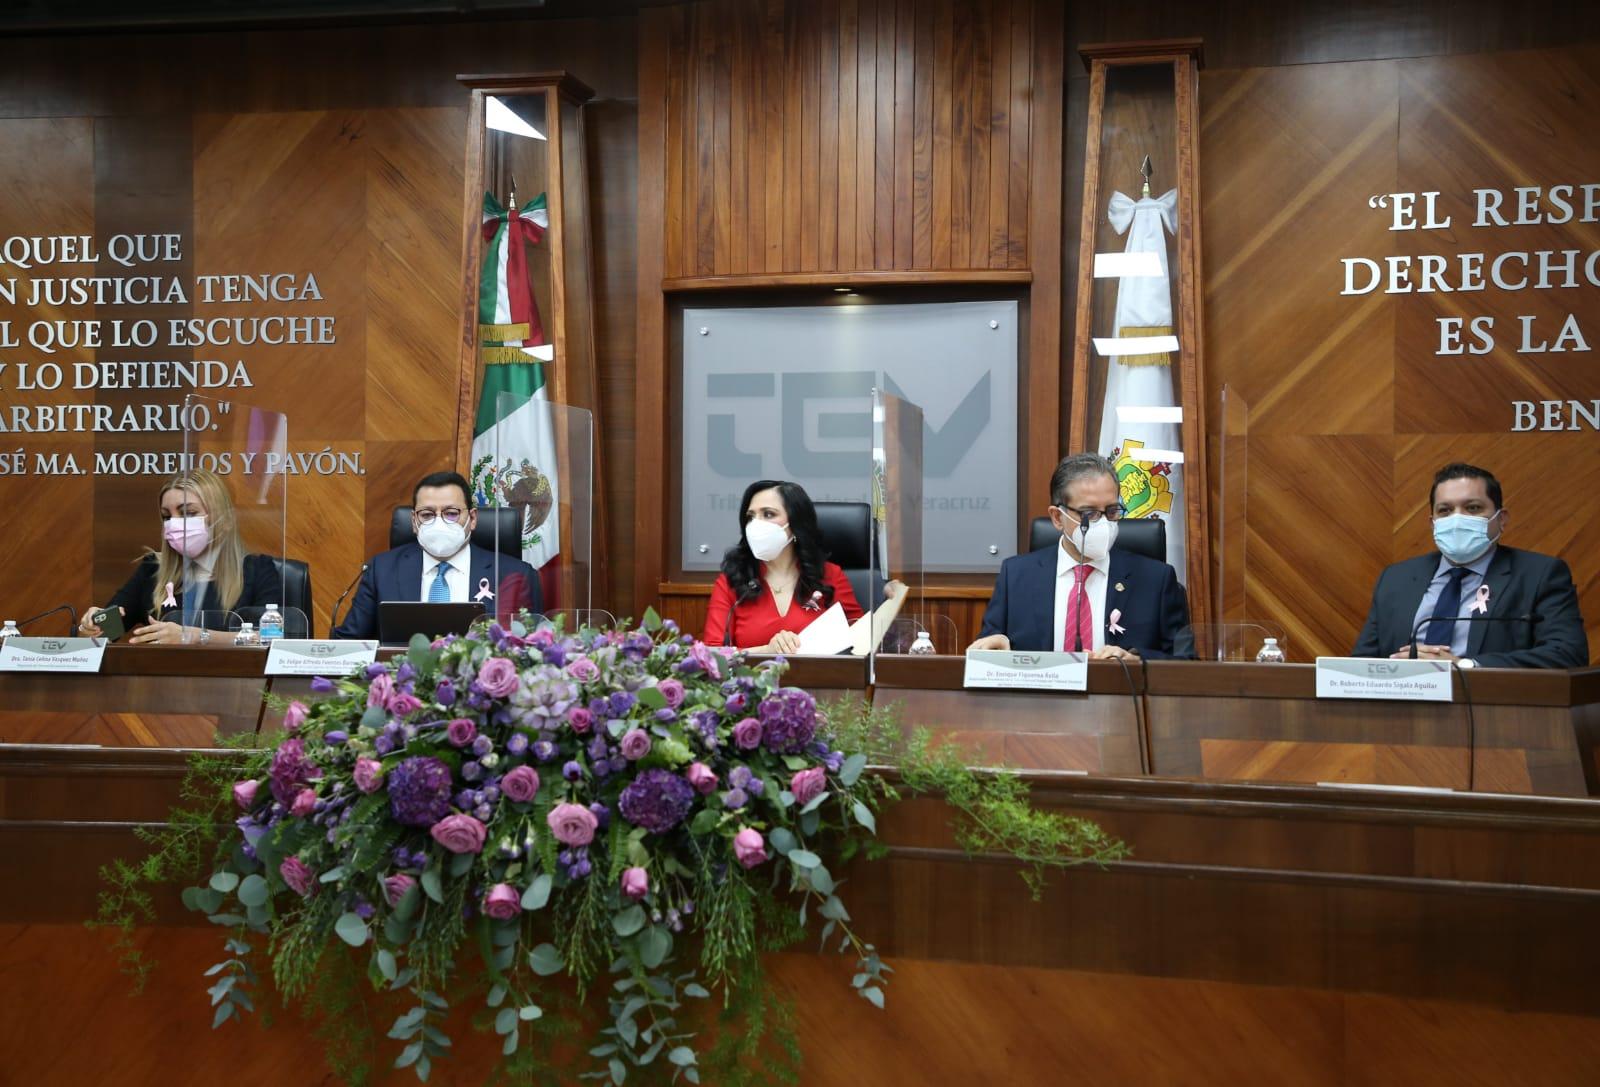 La justicia electoral digital, instrumento alternativo indispensable que acerca aún más a los ciudadanos con los órganos jurisdiccionales: magistrado Fuentes Barrera